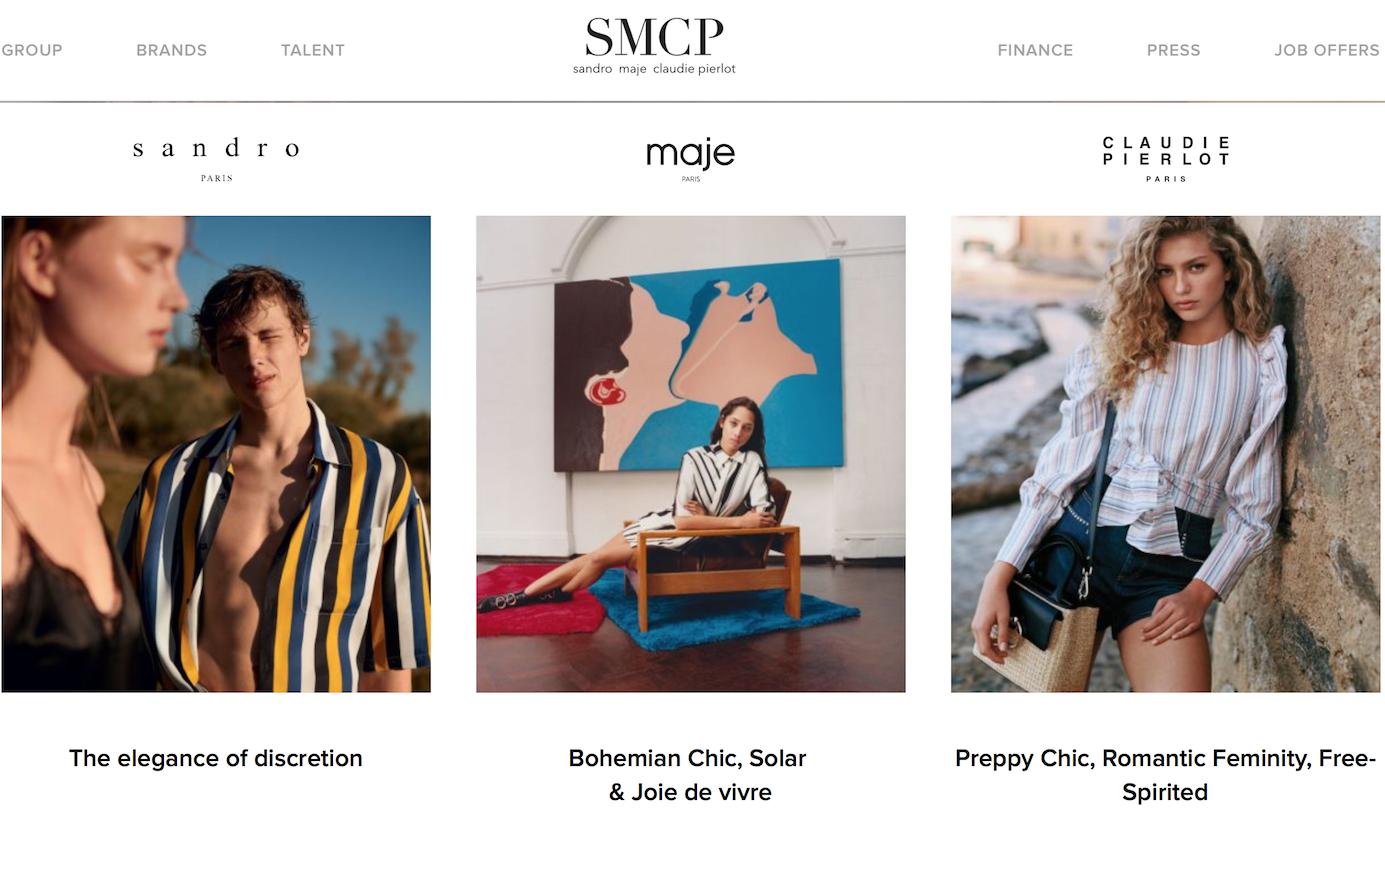 山东如意控股的法国时尚集团SMCP 2018上半年财报:中国市场推动亚太区第二季度增长48%